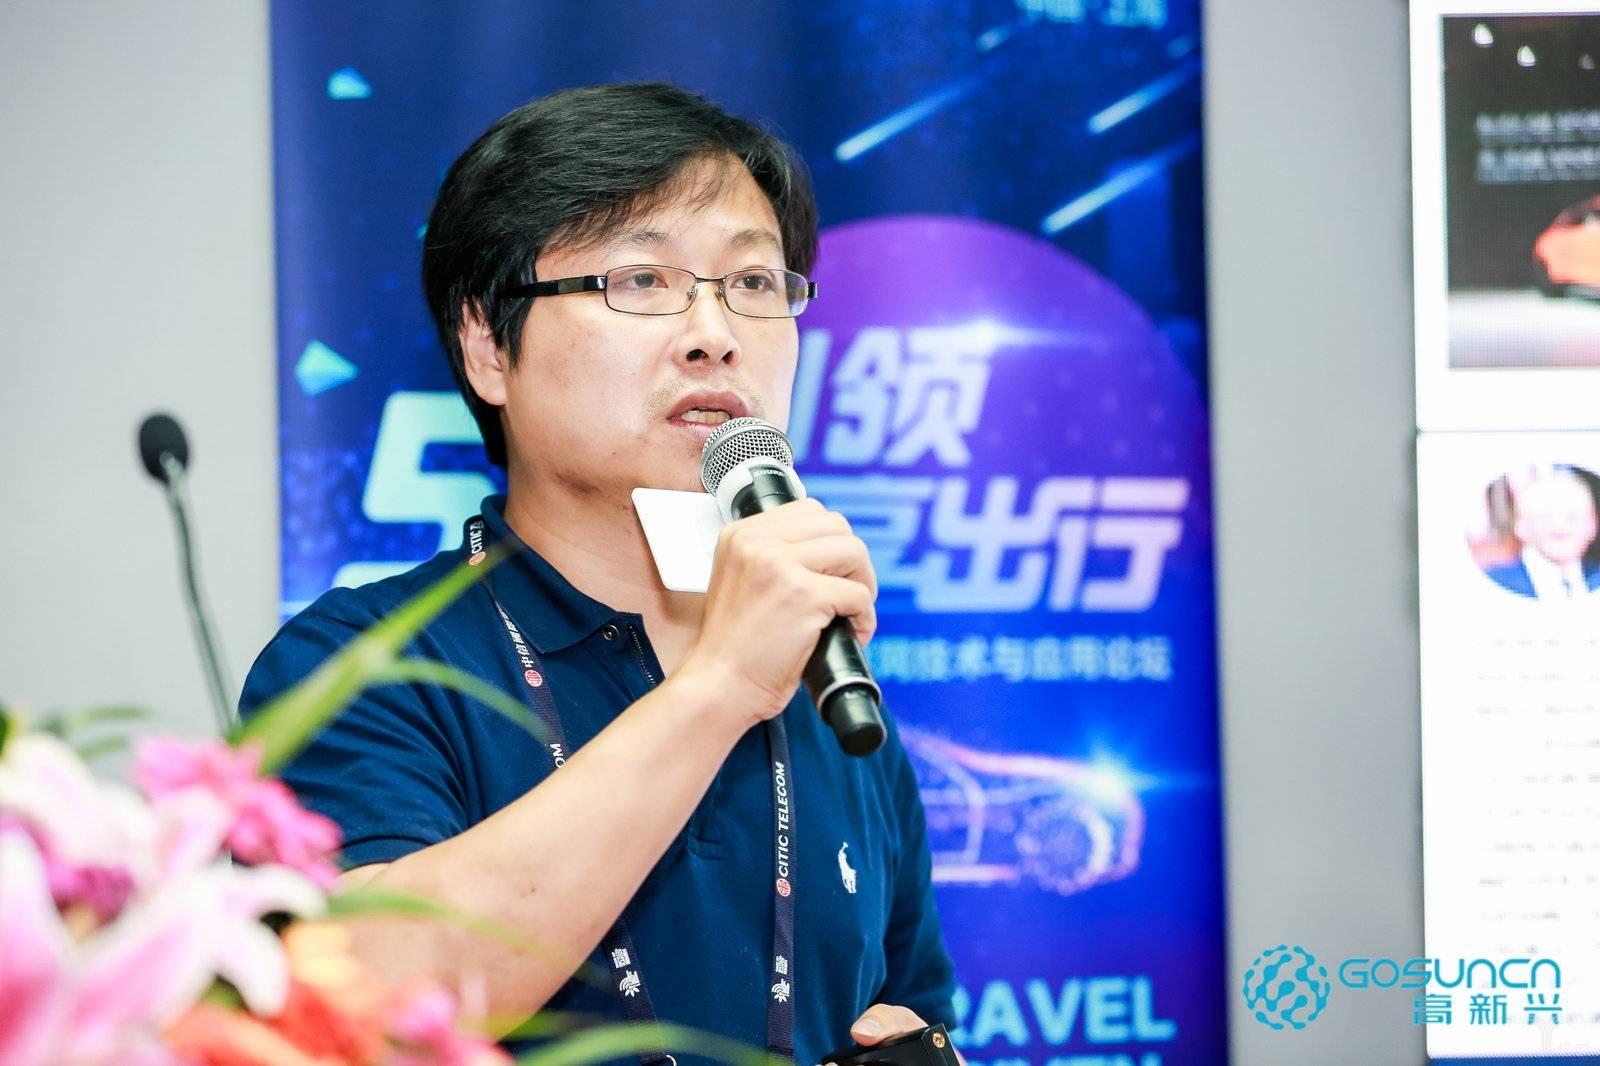 高新兴物联公司副总裁、车联网产品线总经理杨磊